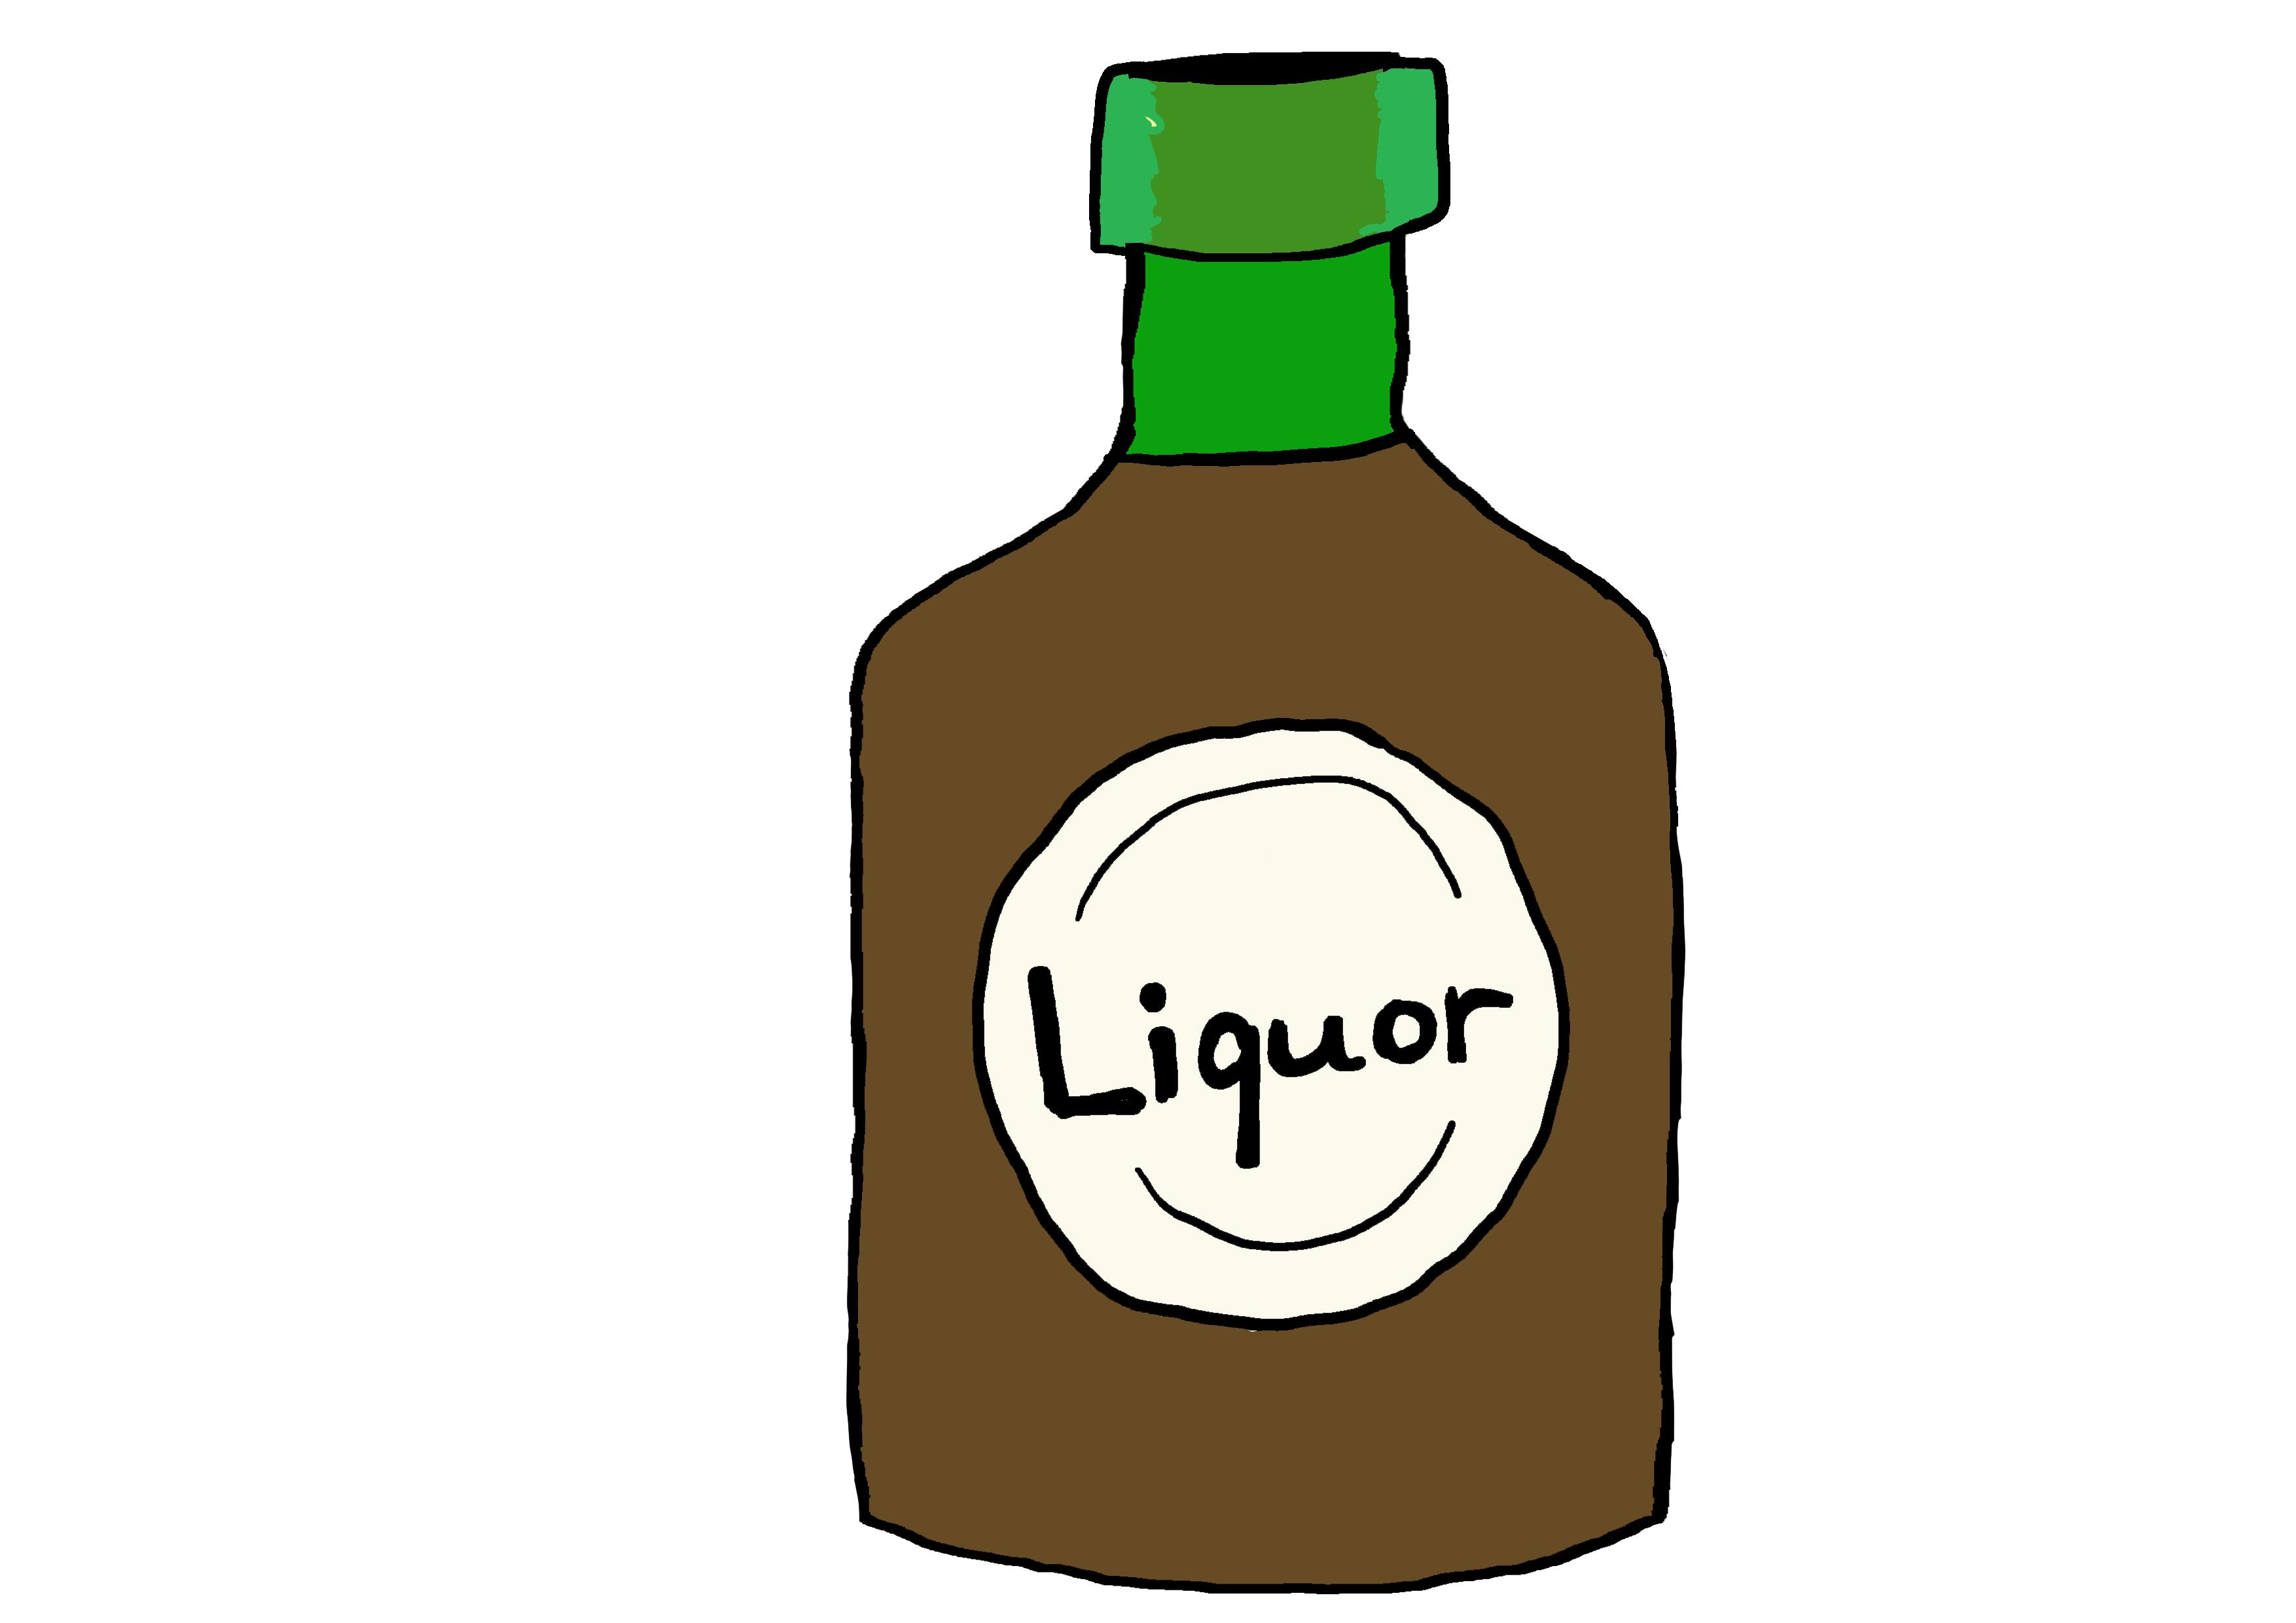 商用フリーイラスト【リキュール、お酒】